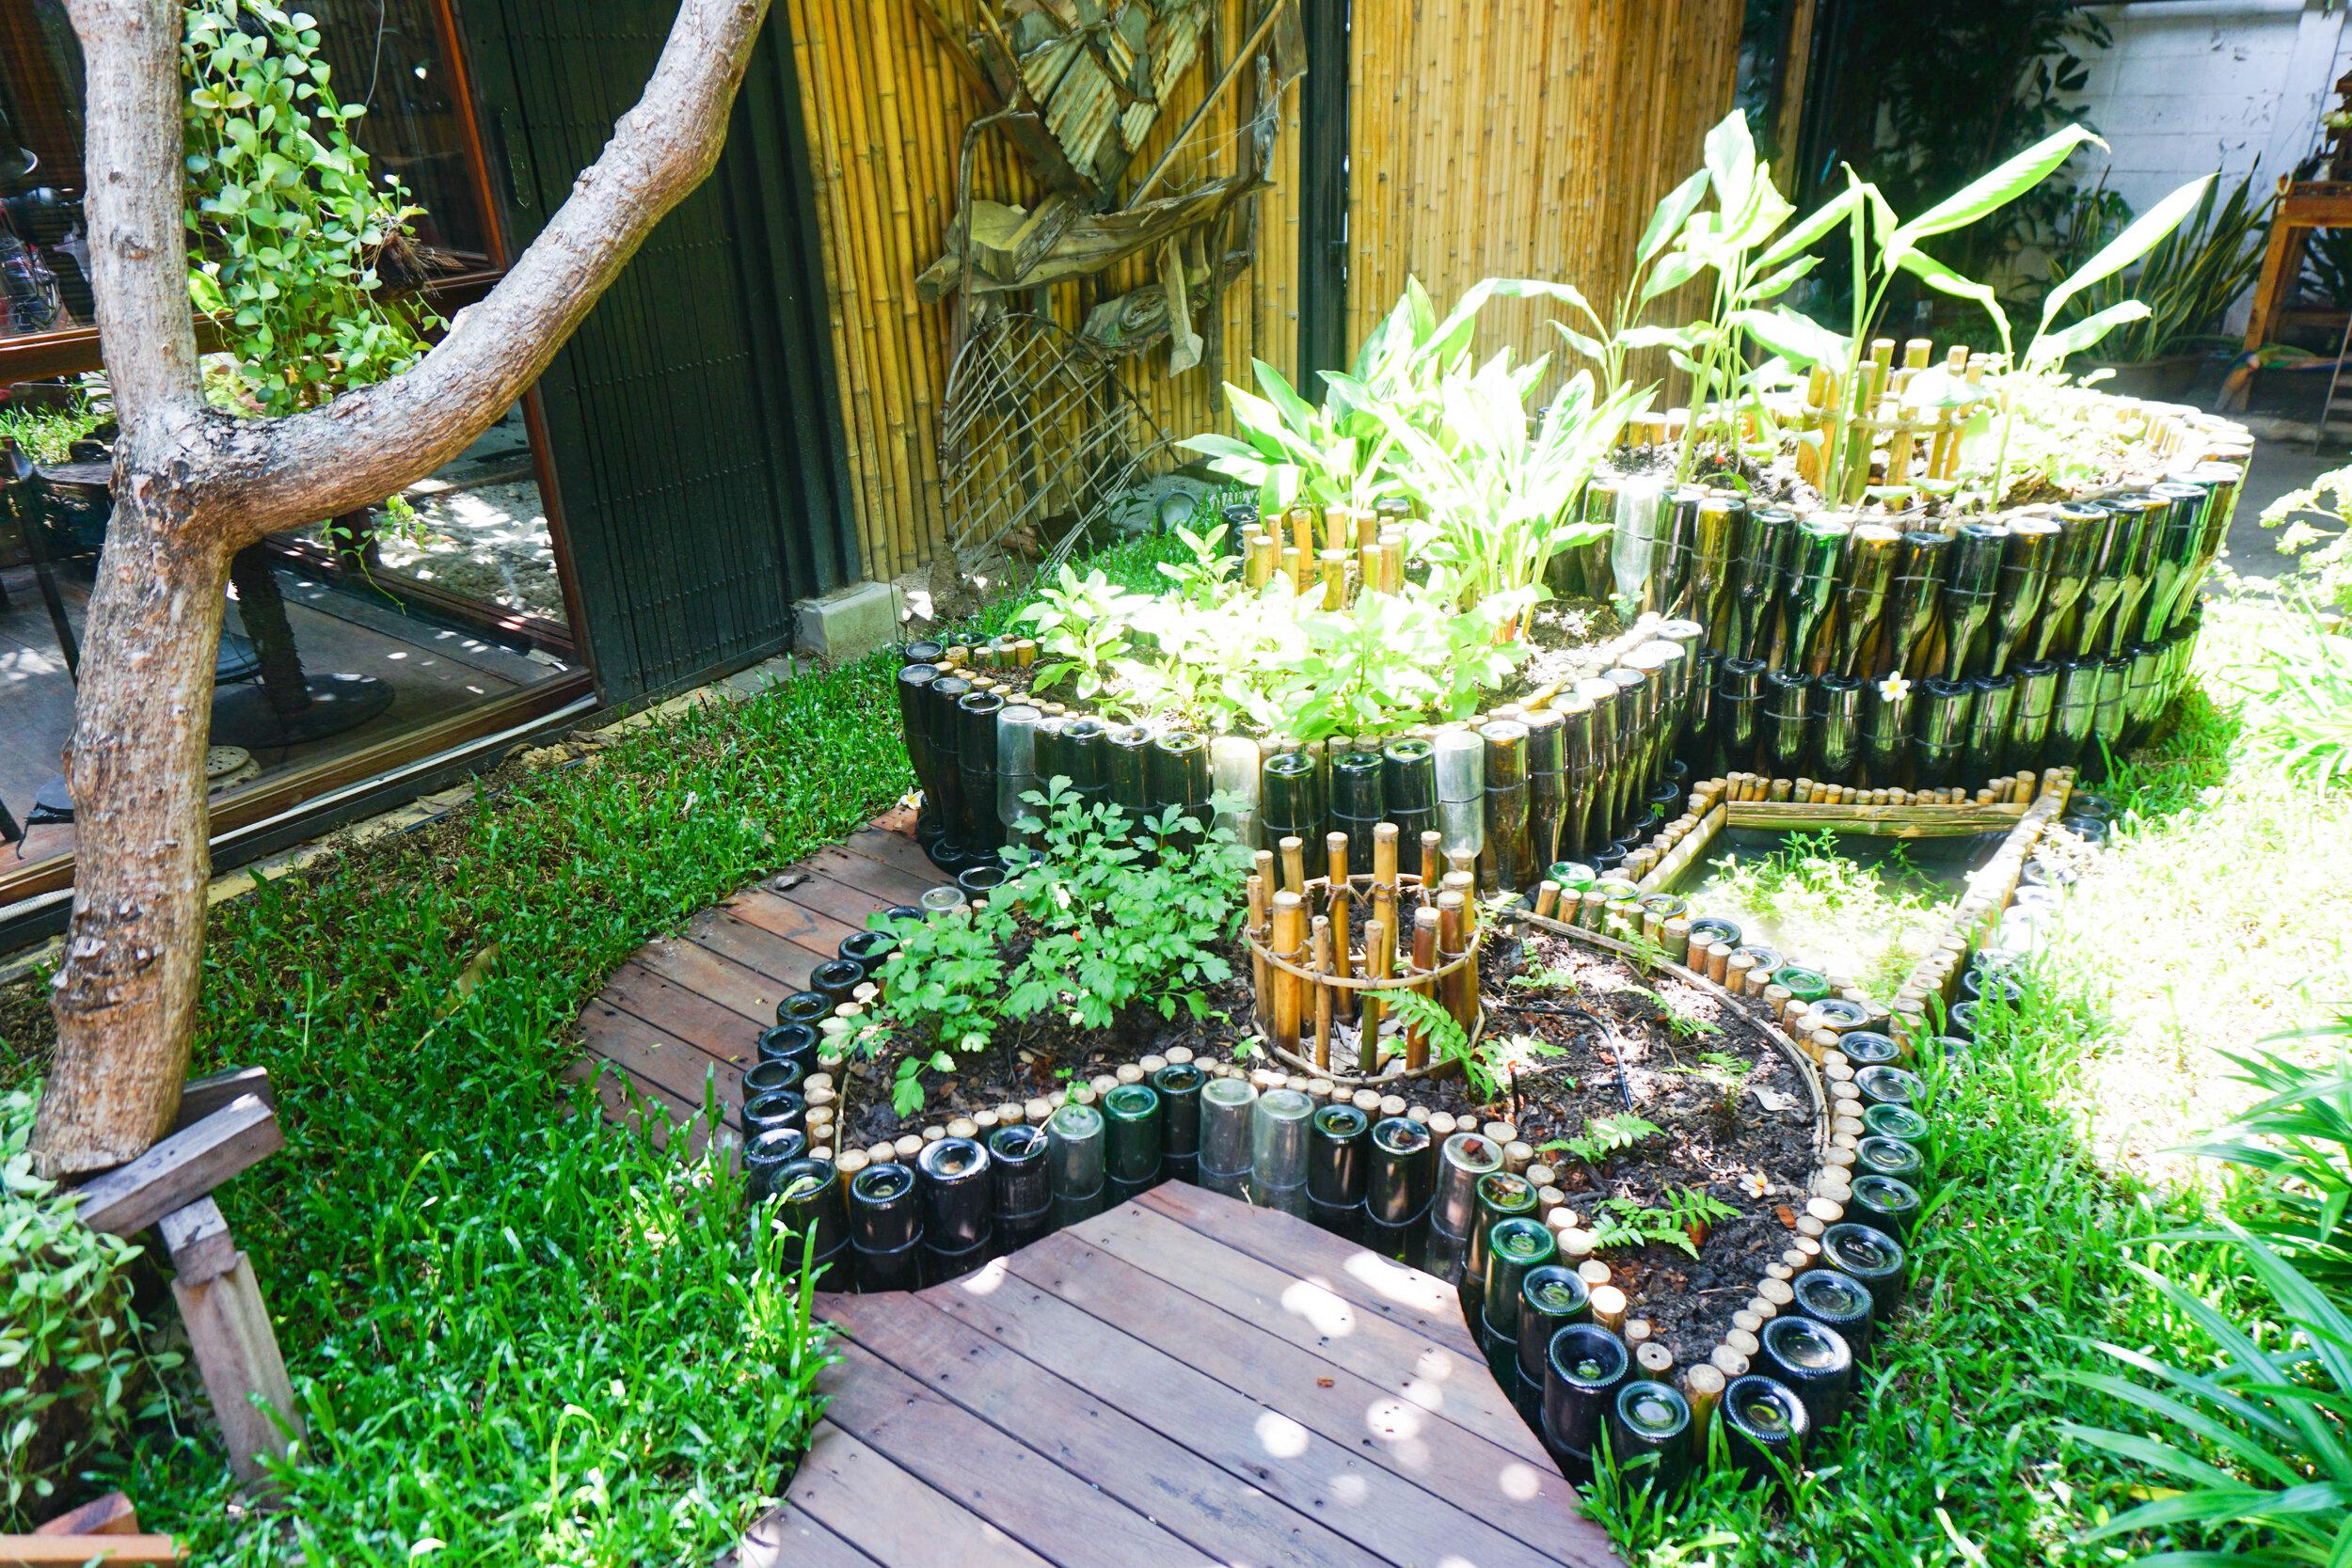 Bo.lan Edible Garden: Four-tier keyhole garden in ZONE B - The Tiered Garden